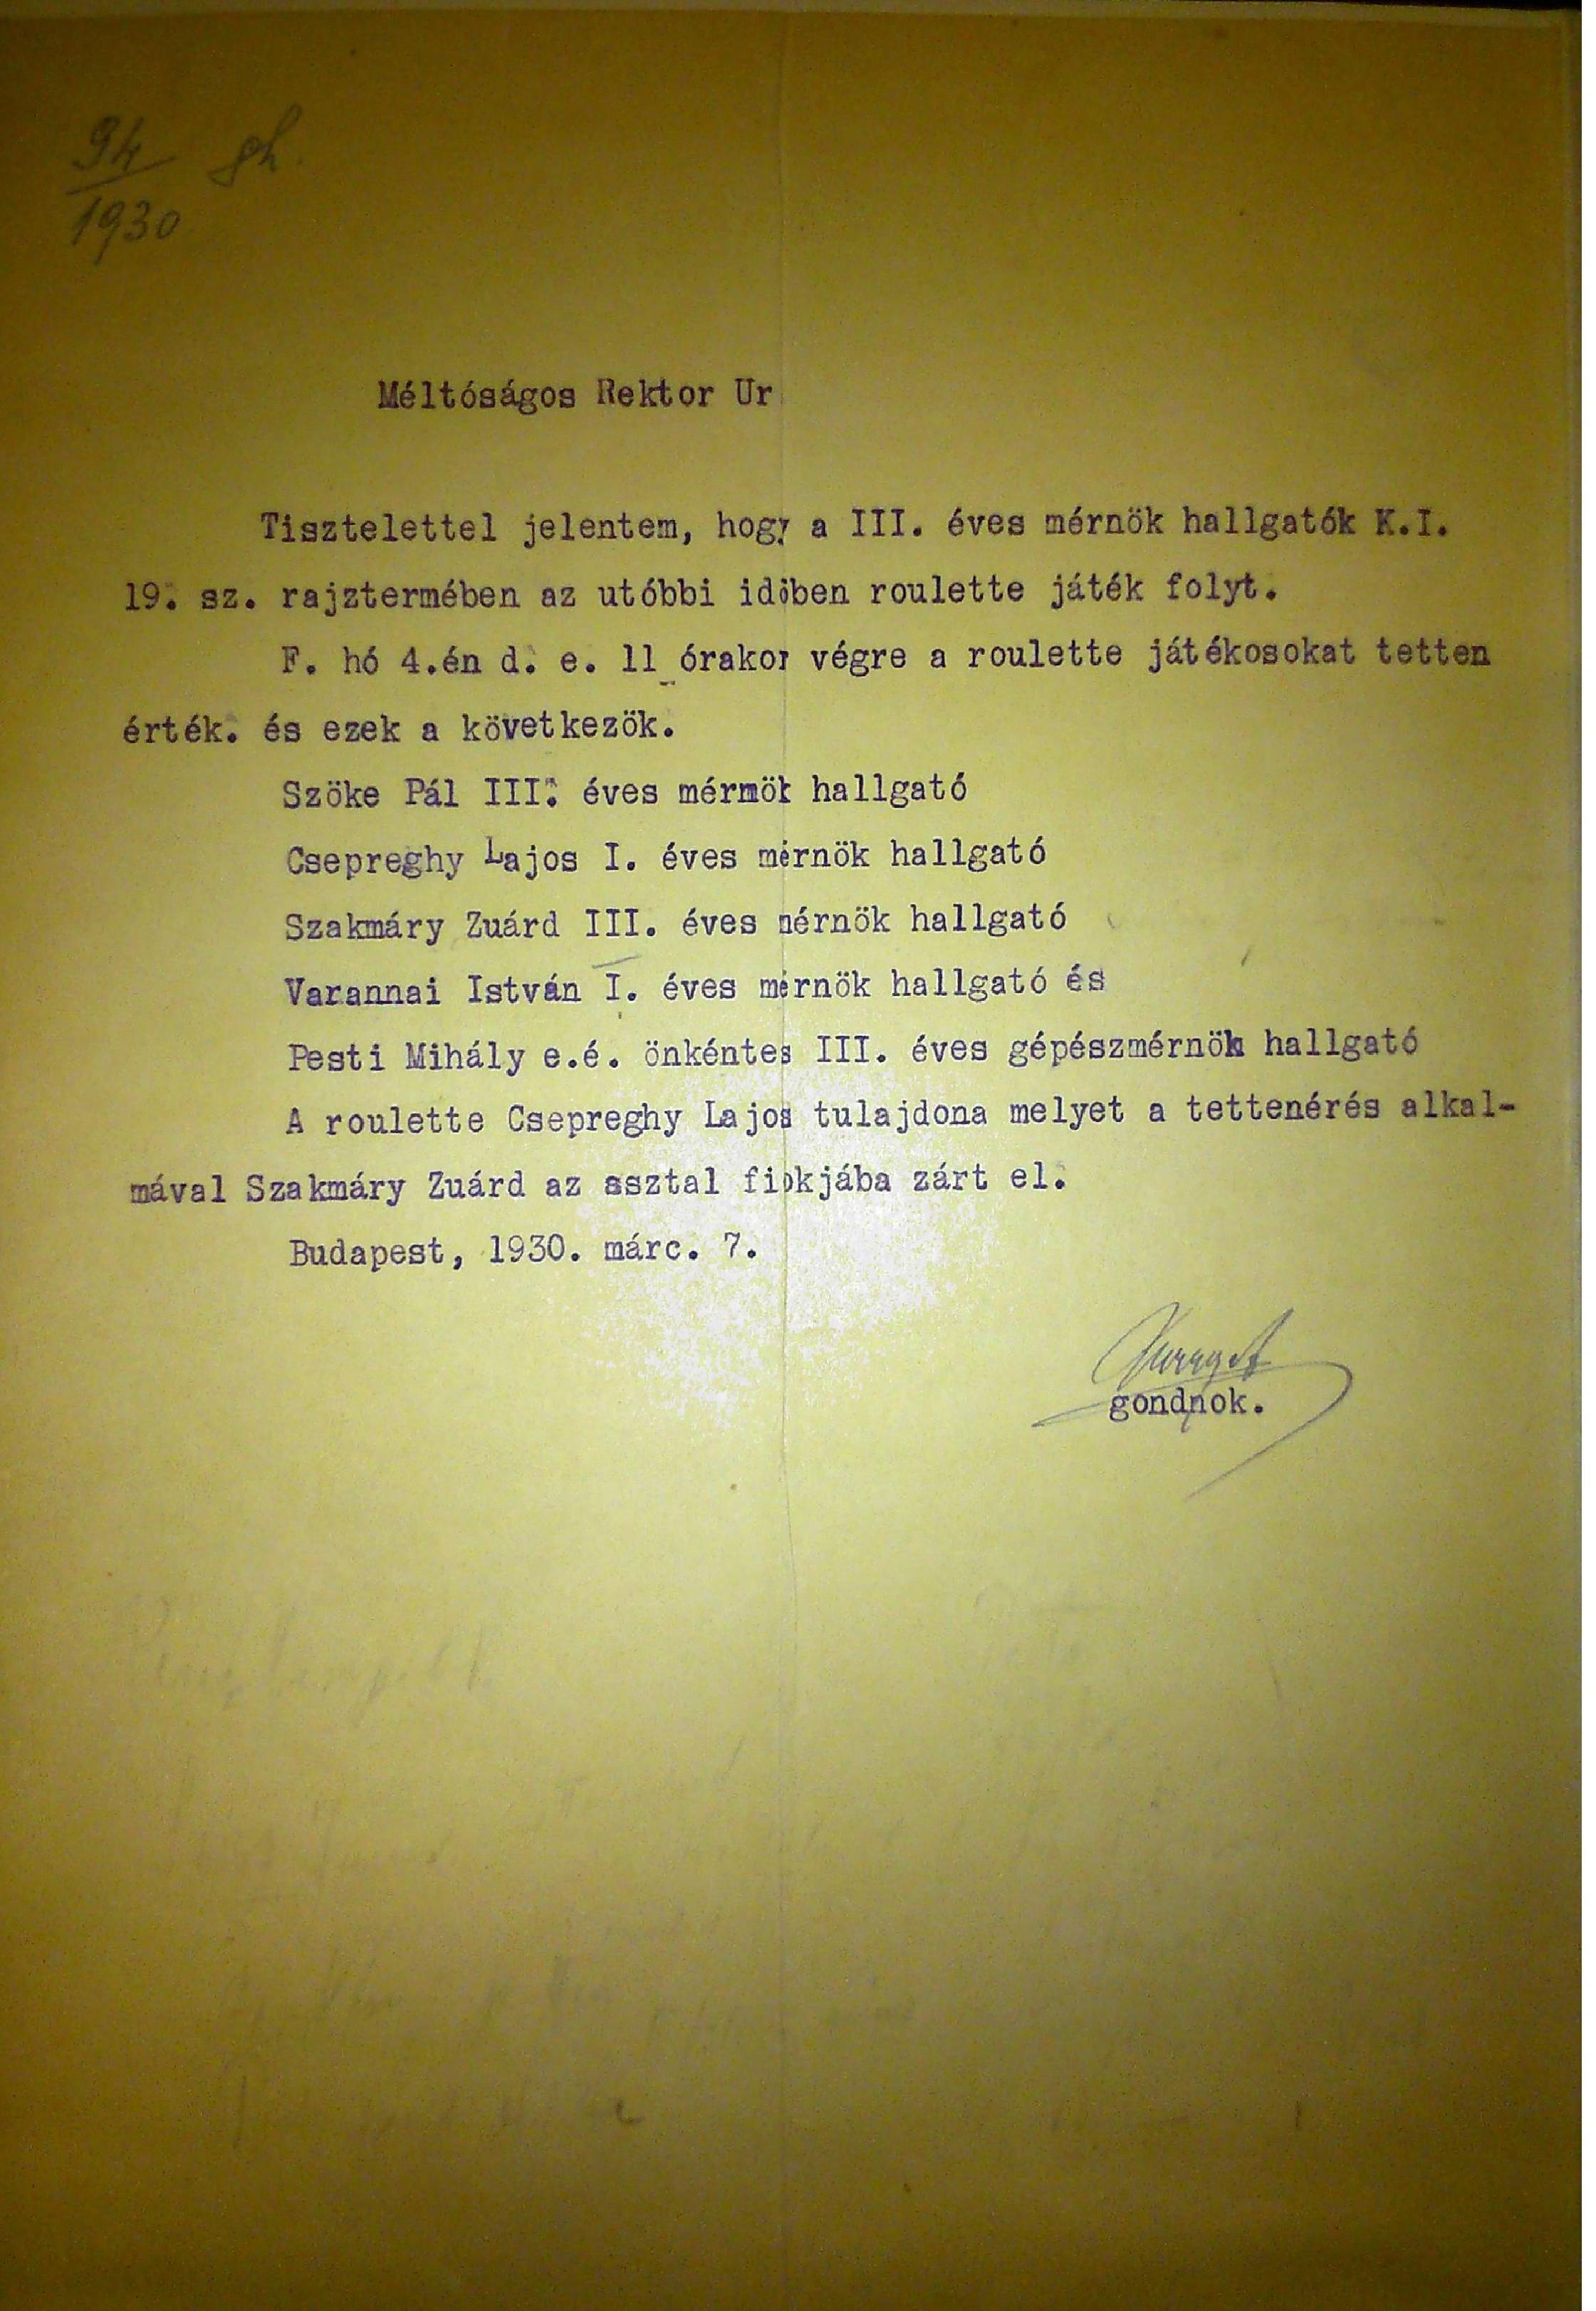 A gondnok levele, melyben panaszt tesz a Rektor Úrnak a tiltott szerencsejátékot folytató hallgatókról.